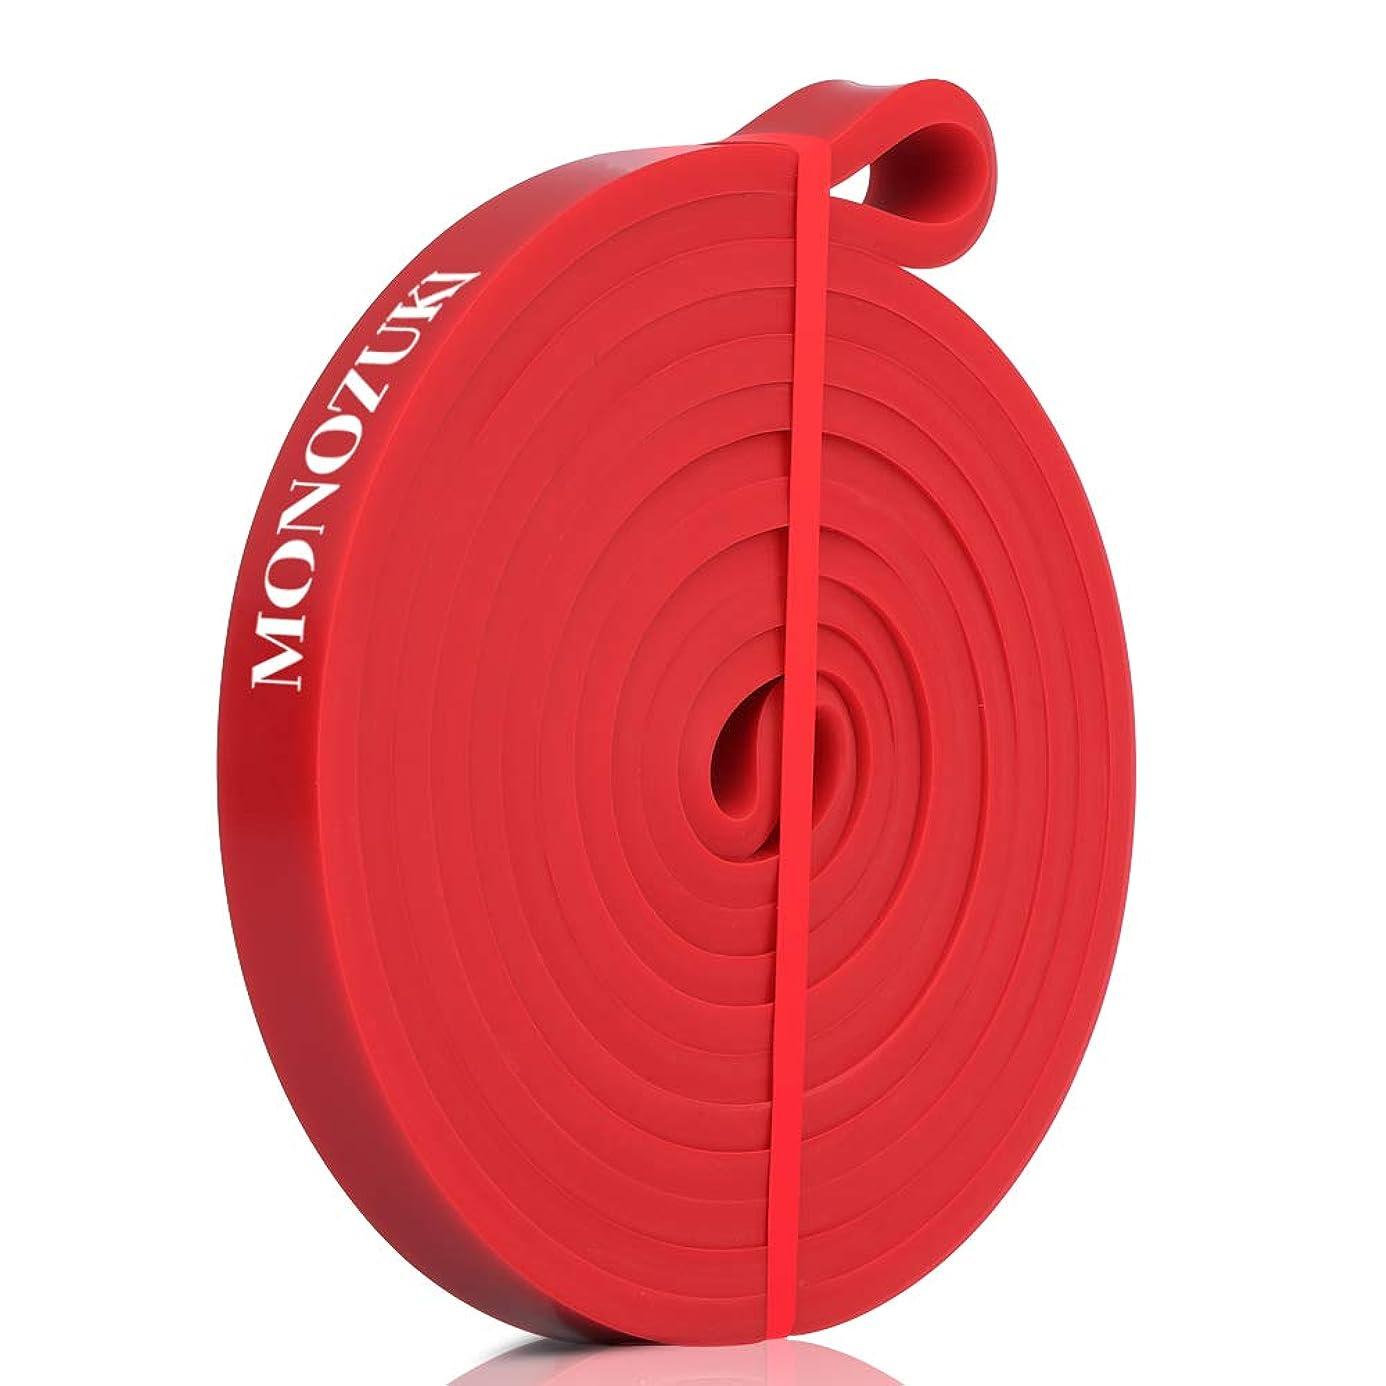 その後喜んで迷彩MONOZUKI フィットネスチューブ エクササイズバンド トレーニングチューブ 天然ゴム 懸垂 補助 ゴムチューブ 筋トレ ストレッチ 懸垂アシスト 4レベル負荷